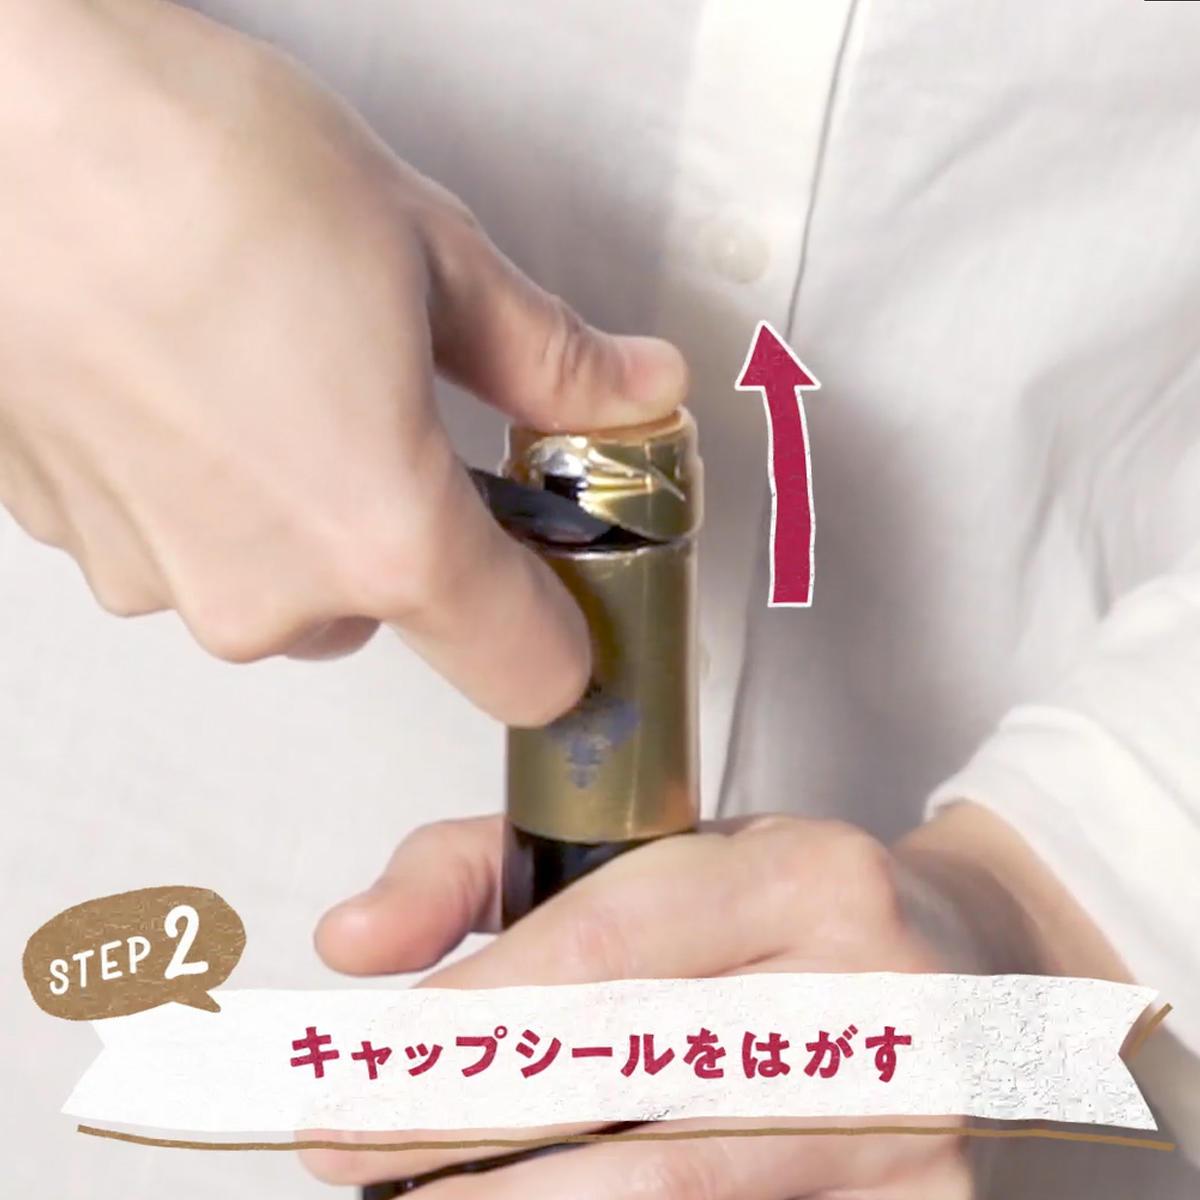 ソムリエナイフを使ったワインの開け方_STEP2